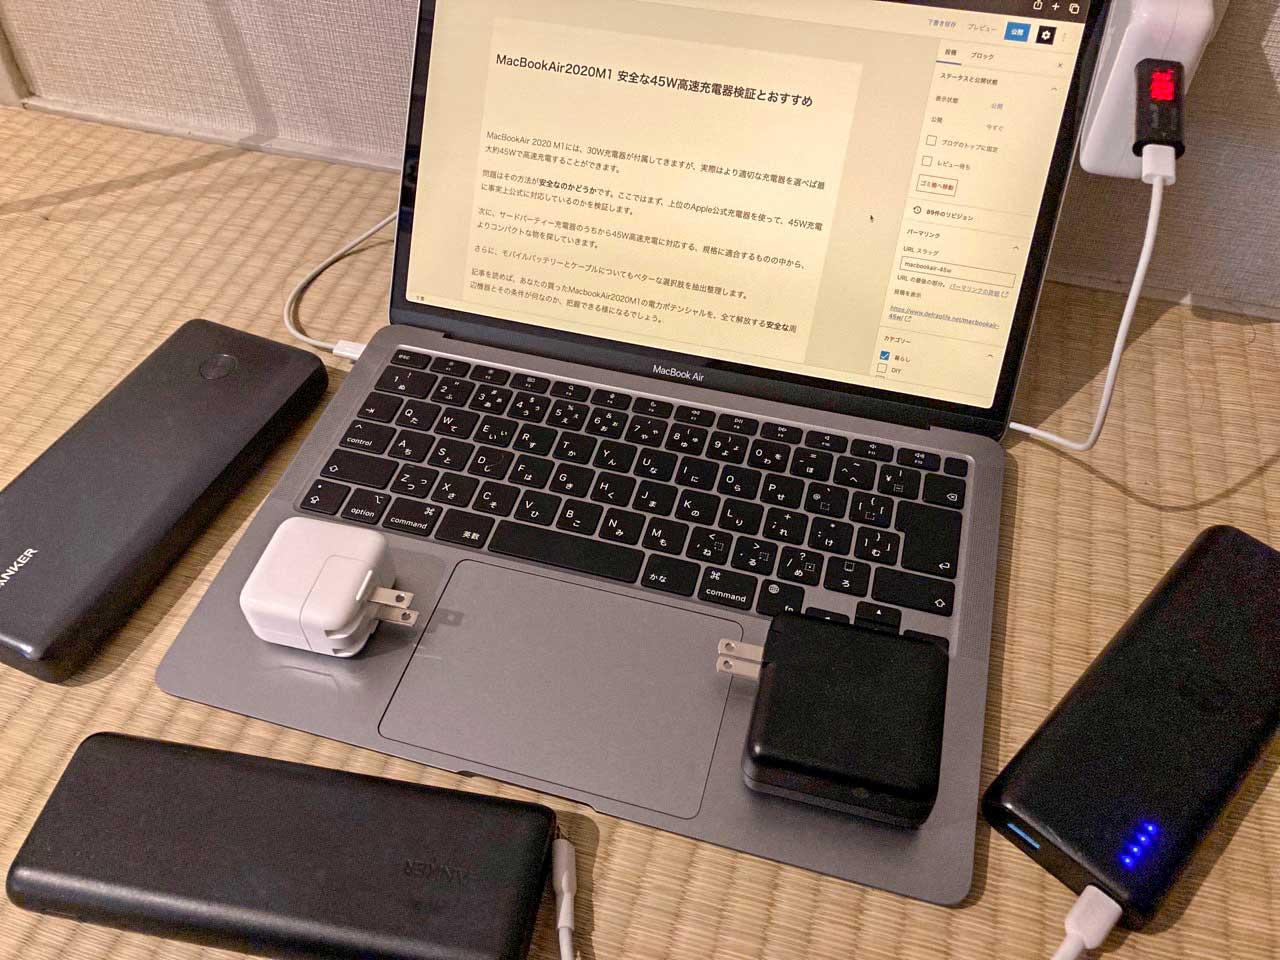 夜な夜なMacBookの残量5%になるまでひたすら待っては実験を繰り返すの図